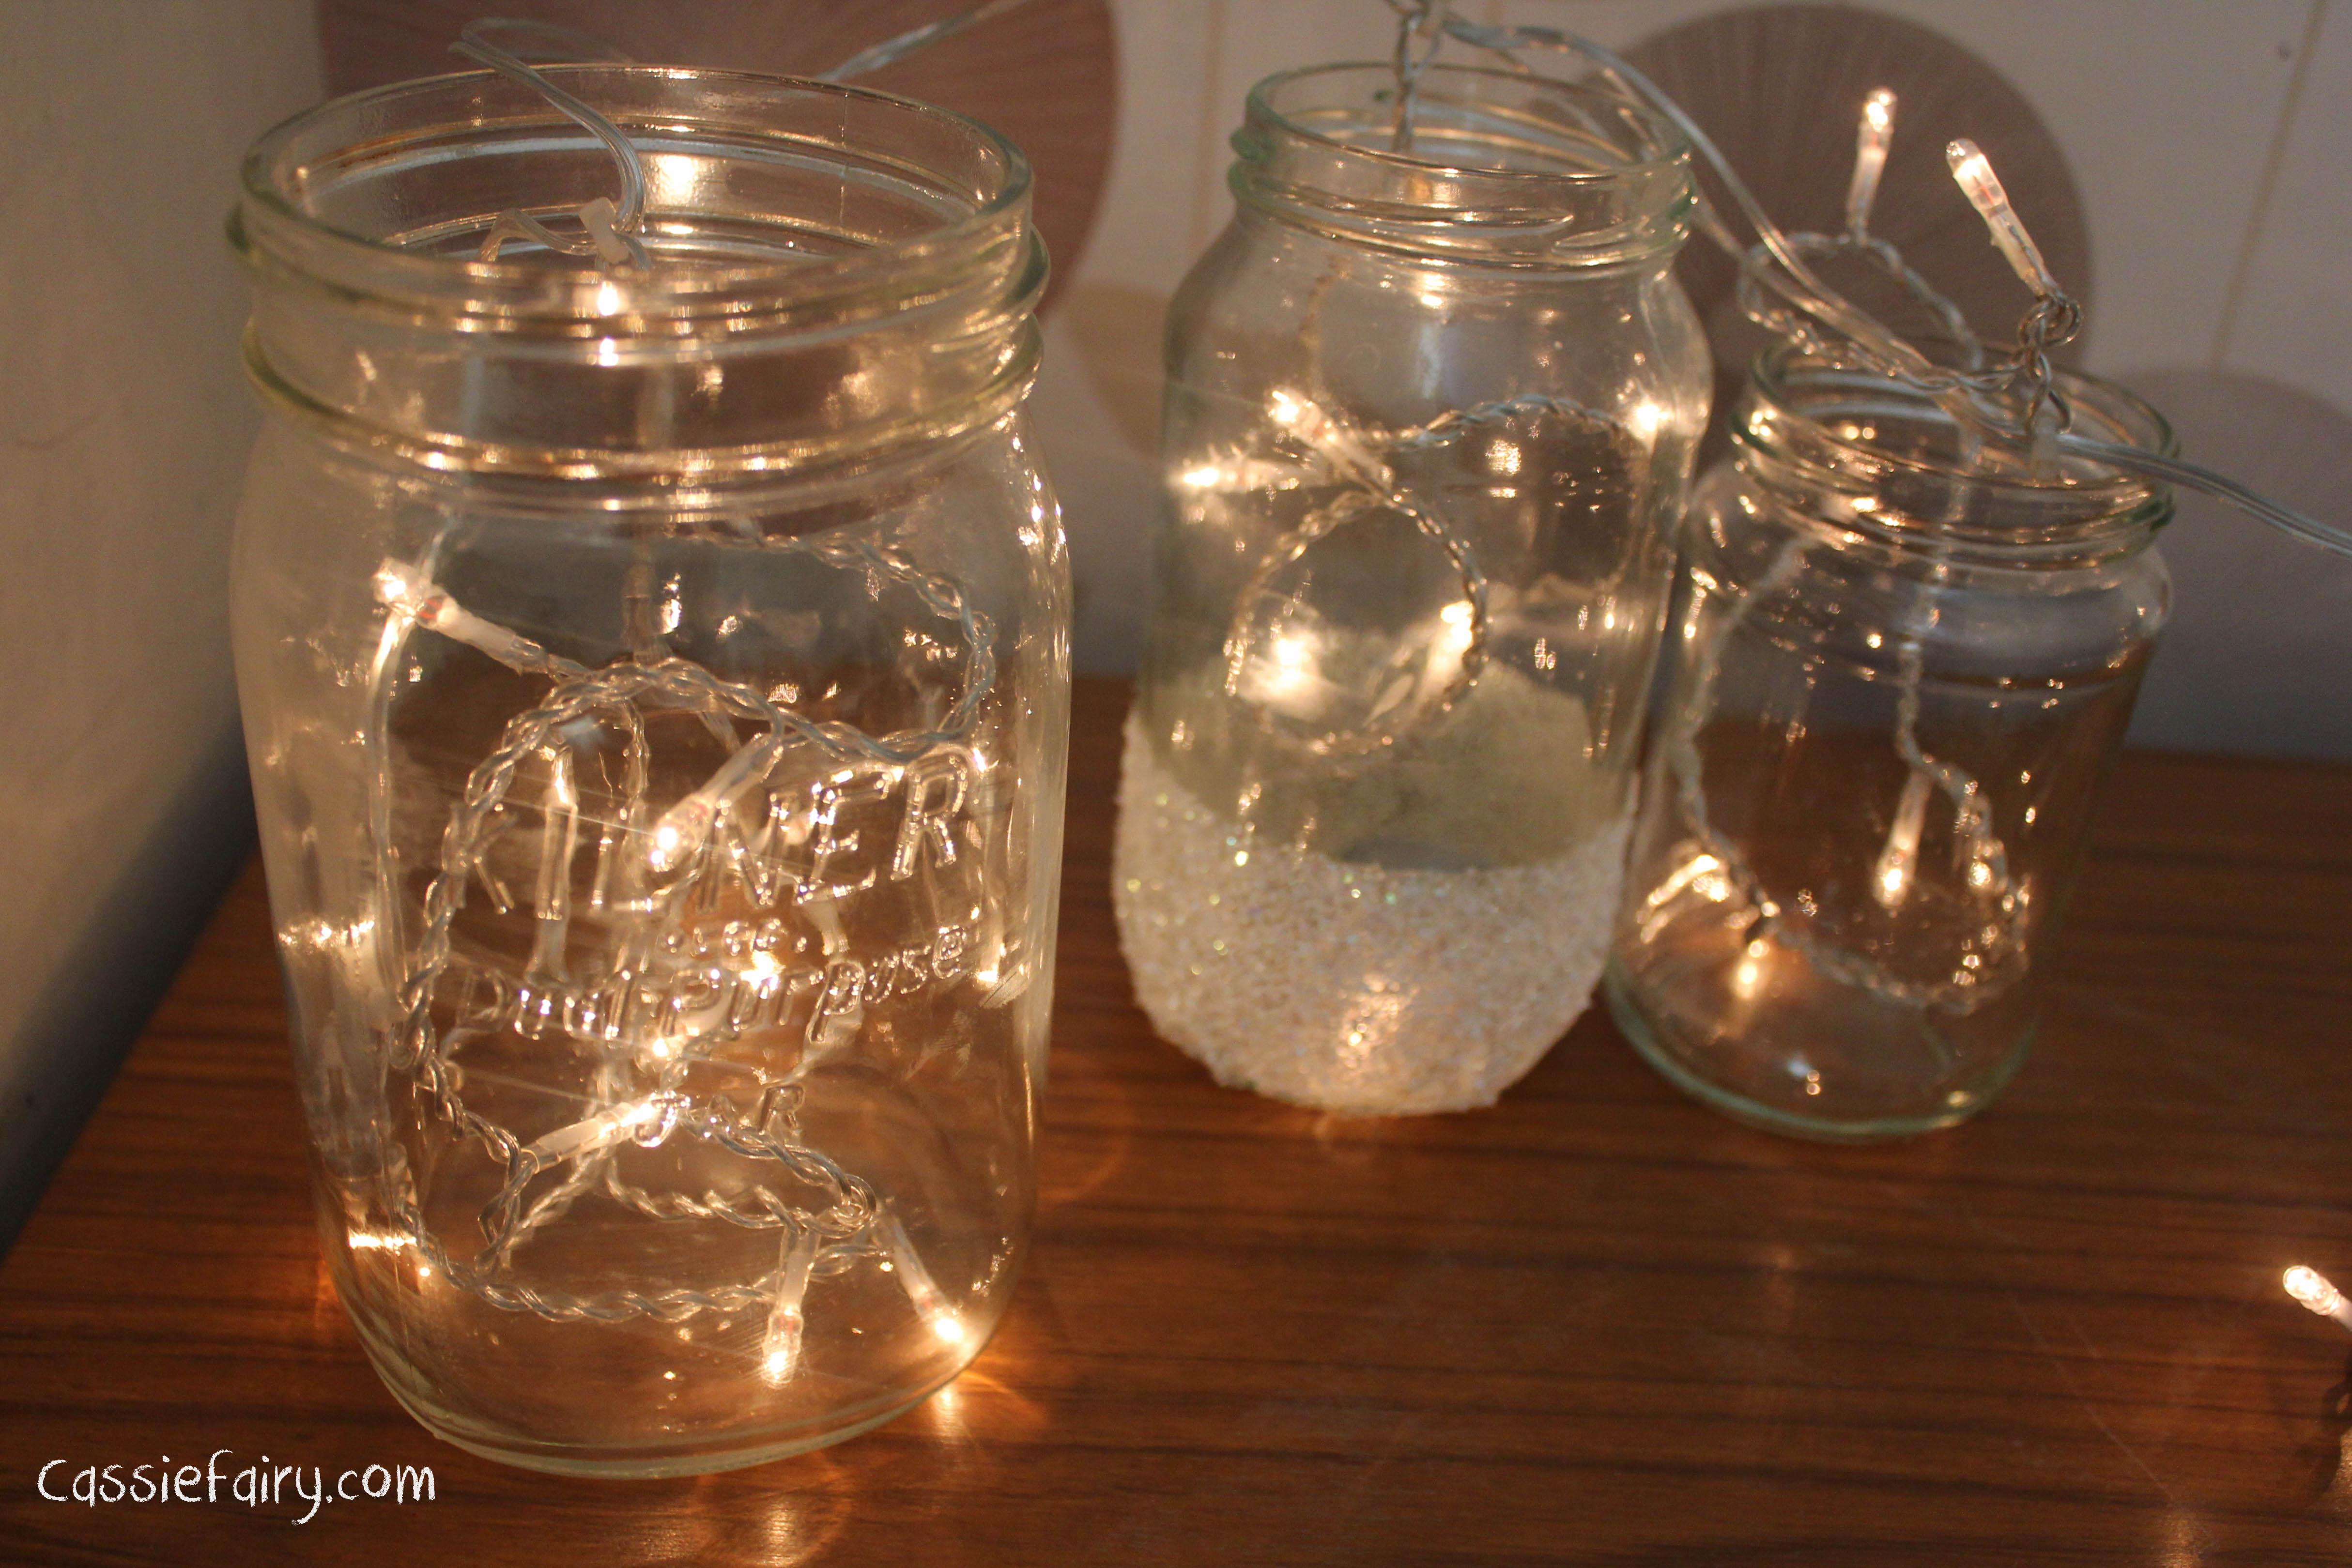 Diy Festive Fairies In Snow Covered Kilner Jars